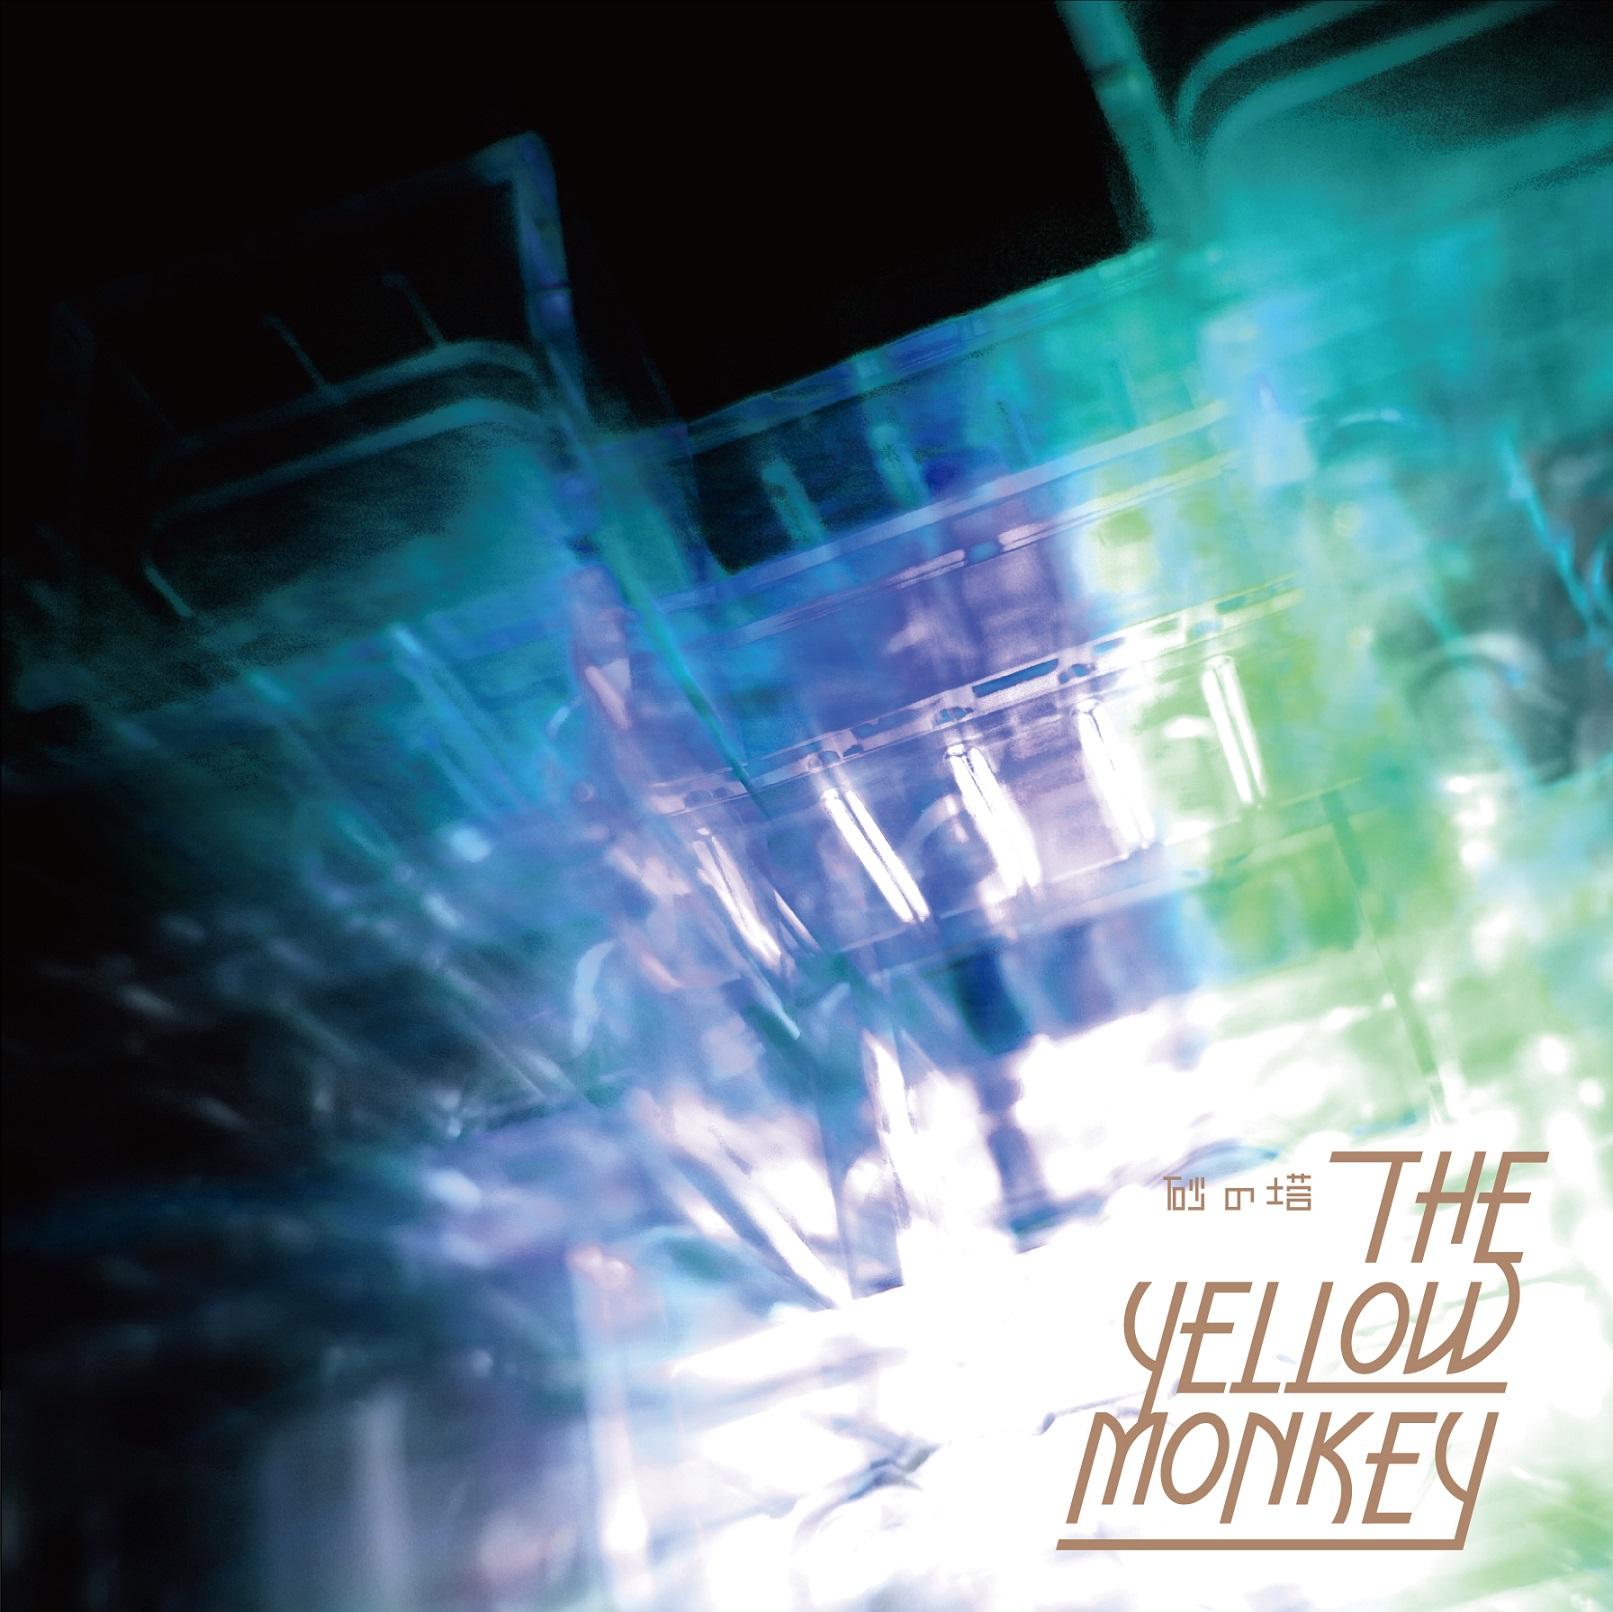 THE YELLOW MONKEYの画像 p1_31